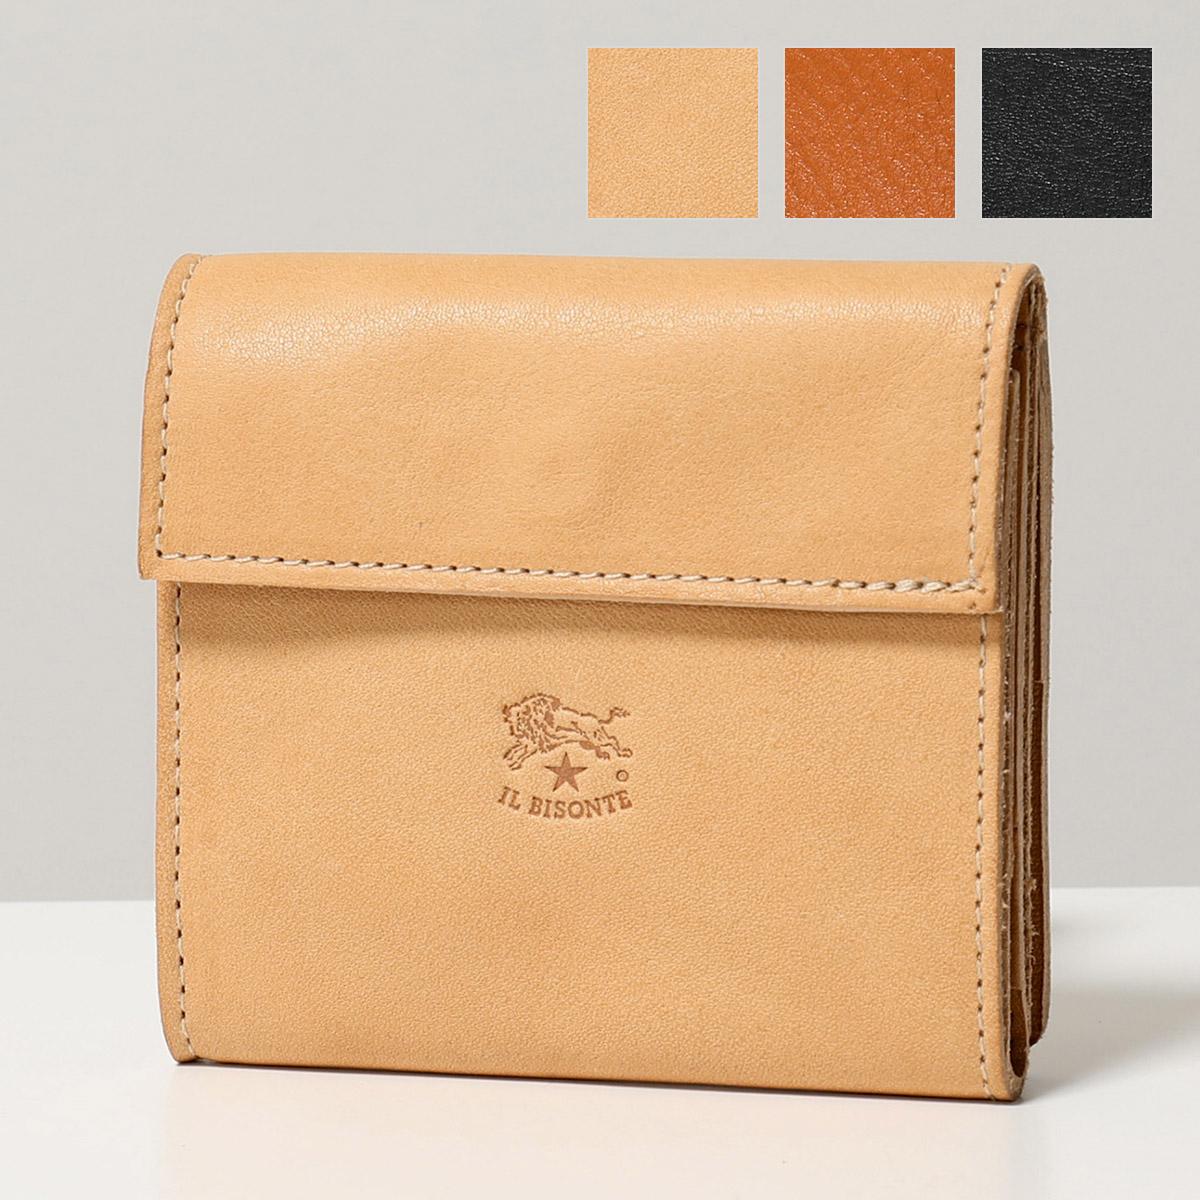 ILBISONTE イルビゾンテ C0455 P レザー 二つ折り財布 スモール ミニ財布 小銭入れあり 54_1_411465 カラー5色 ユニセックス